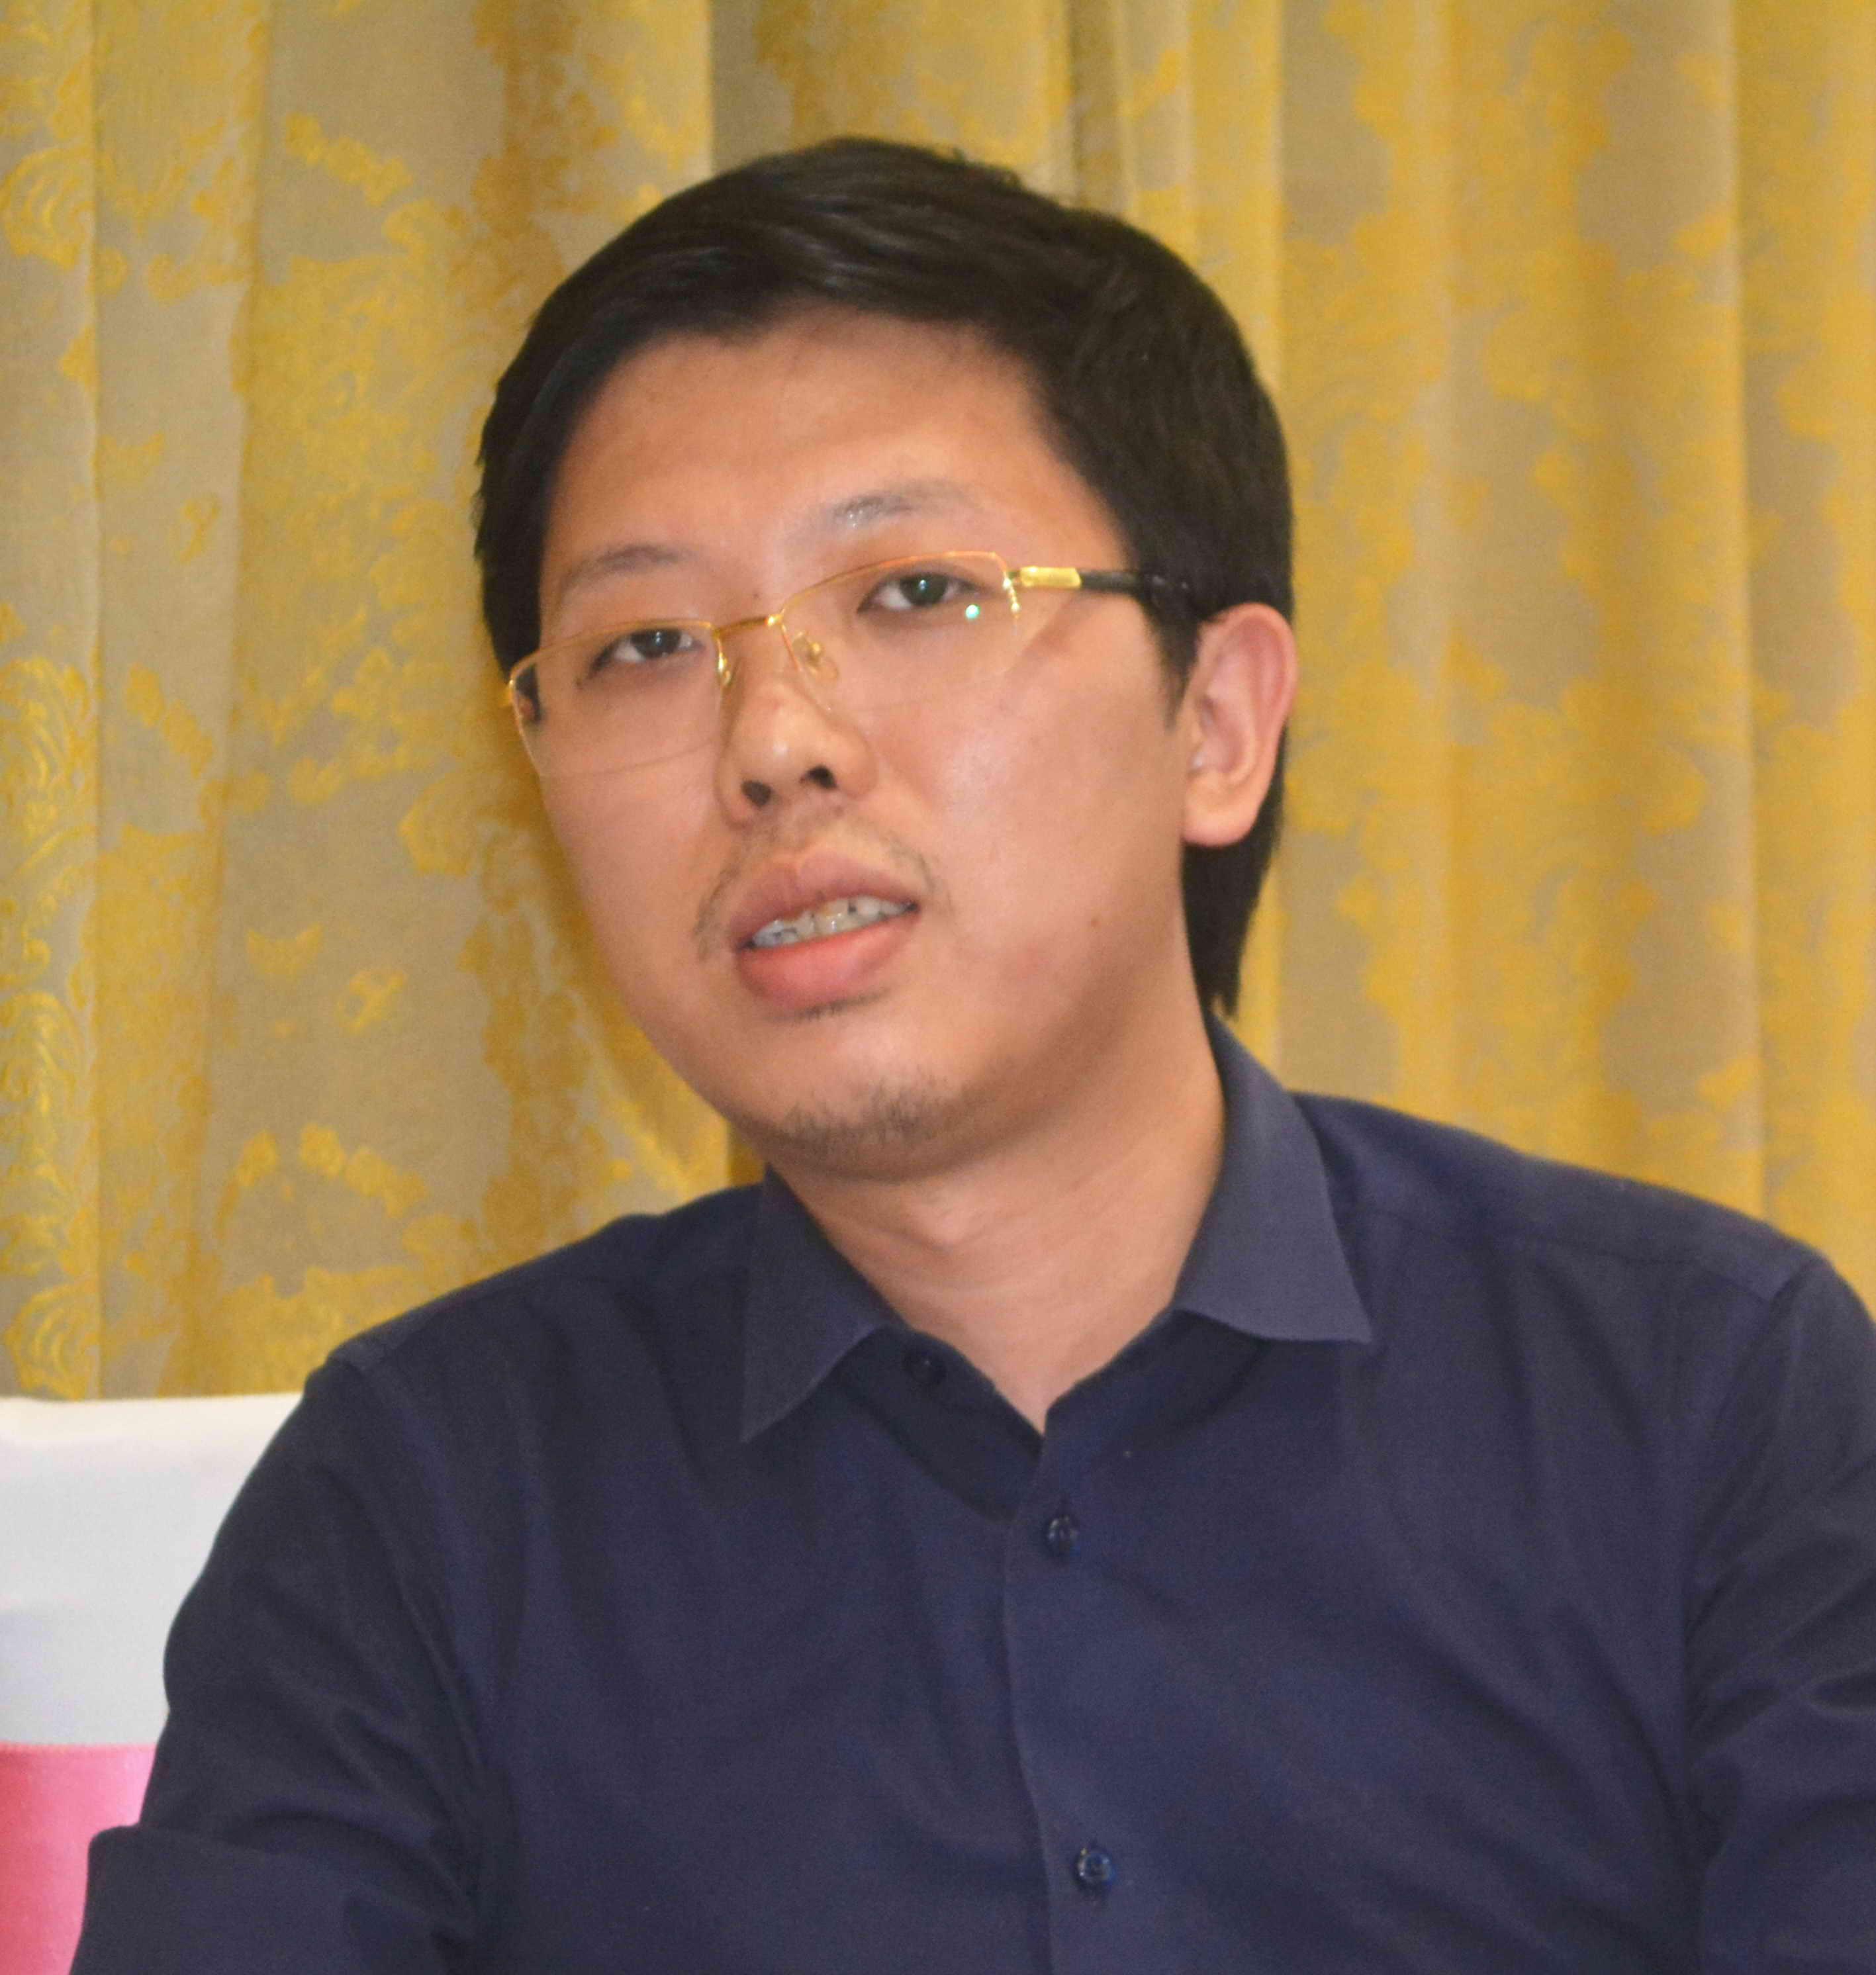 林航正,杭州歌江维嘉酒店有限公司董事长.jpg